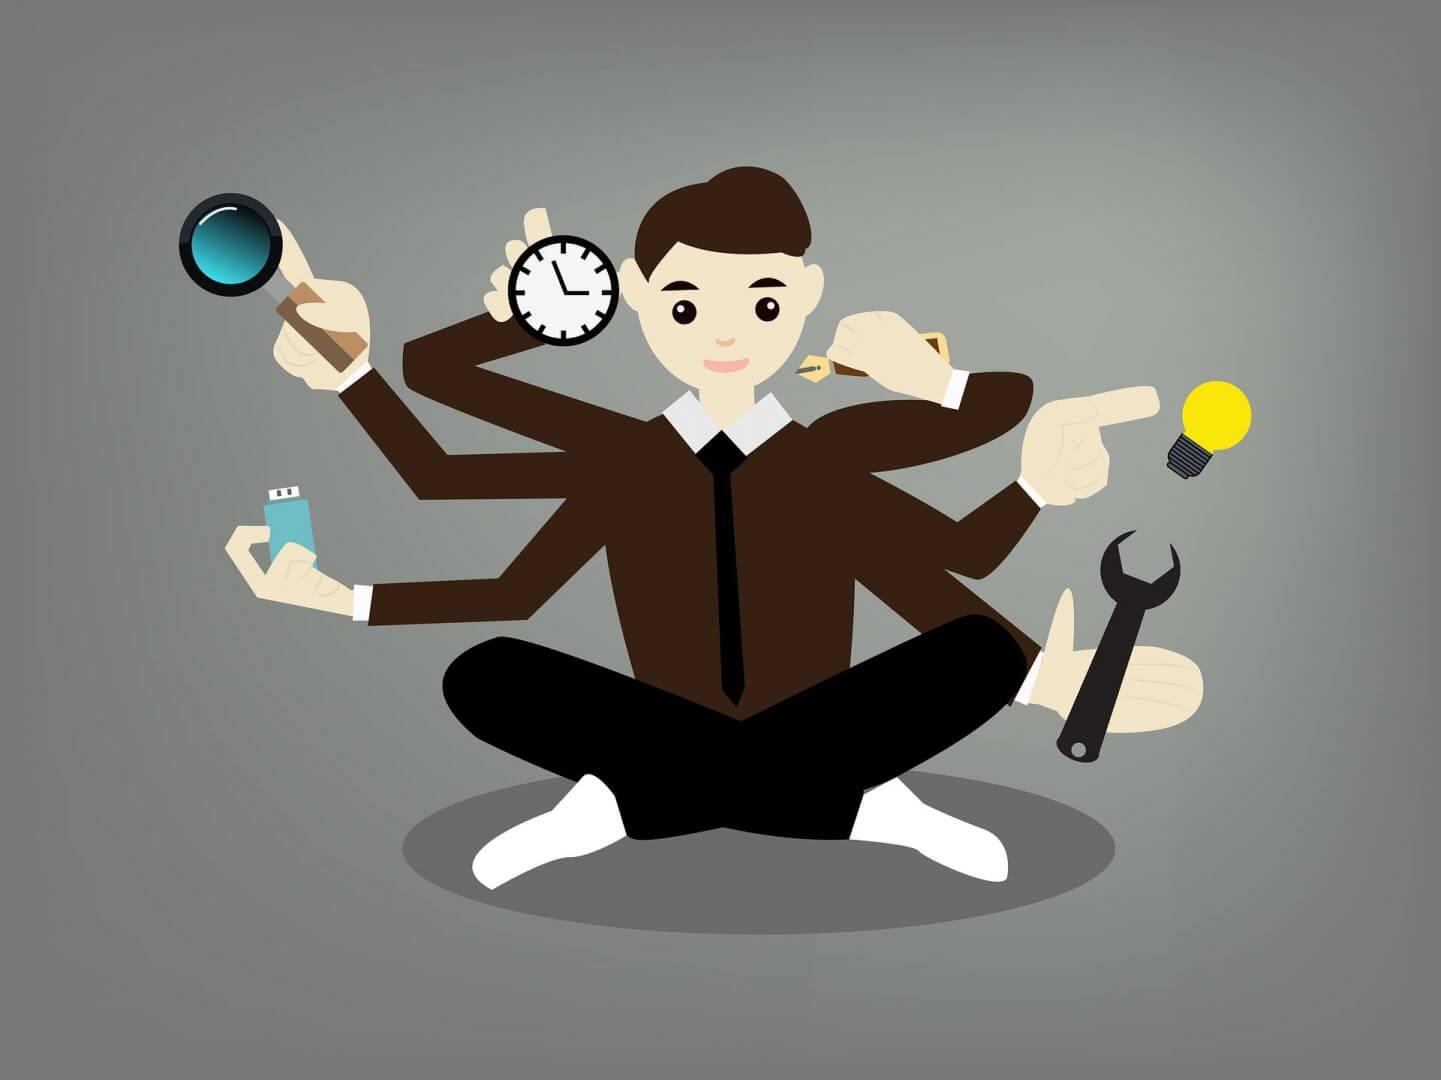 Que es multitasking